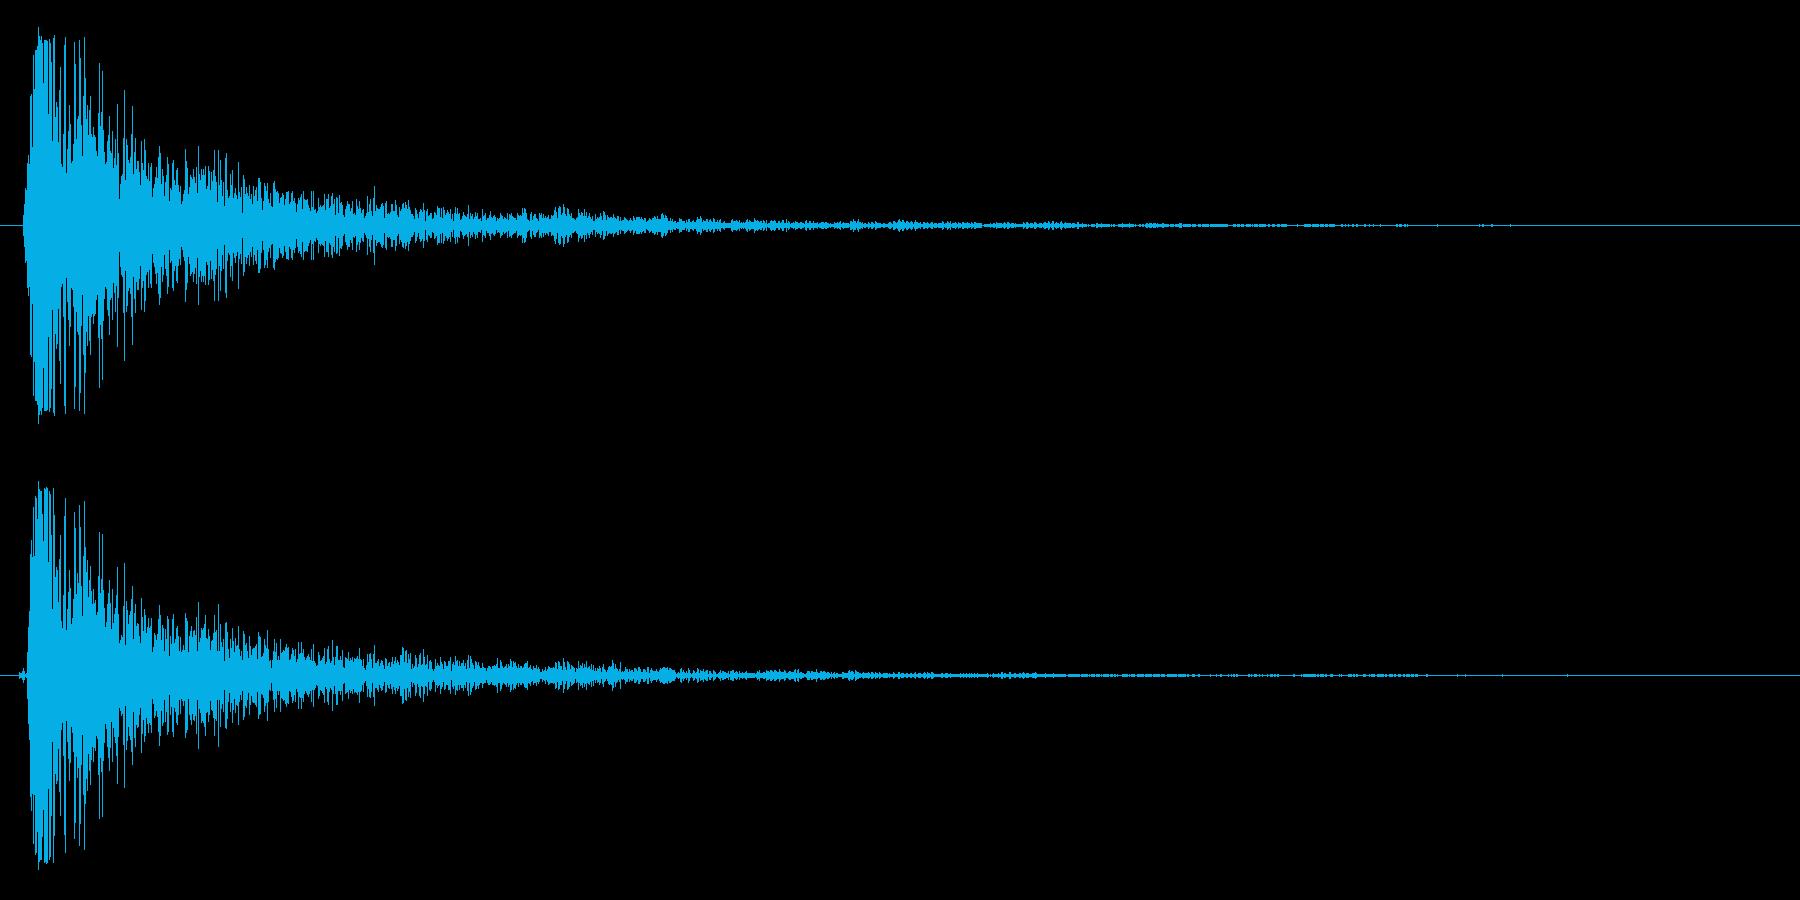 バシッ(強烈なビンタをする音)の再生済みの波形